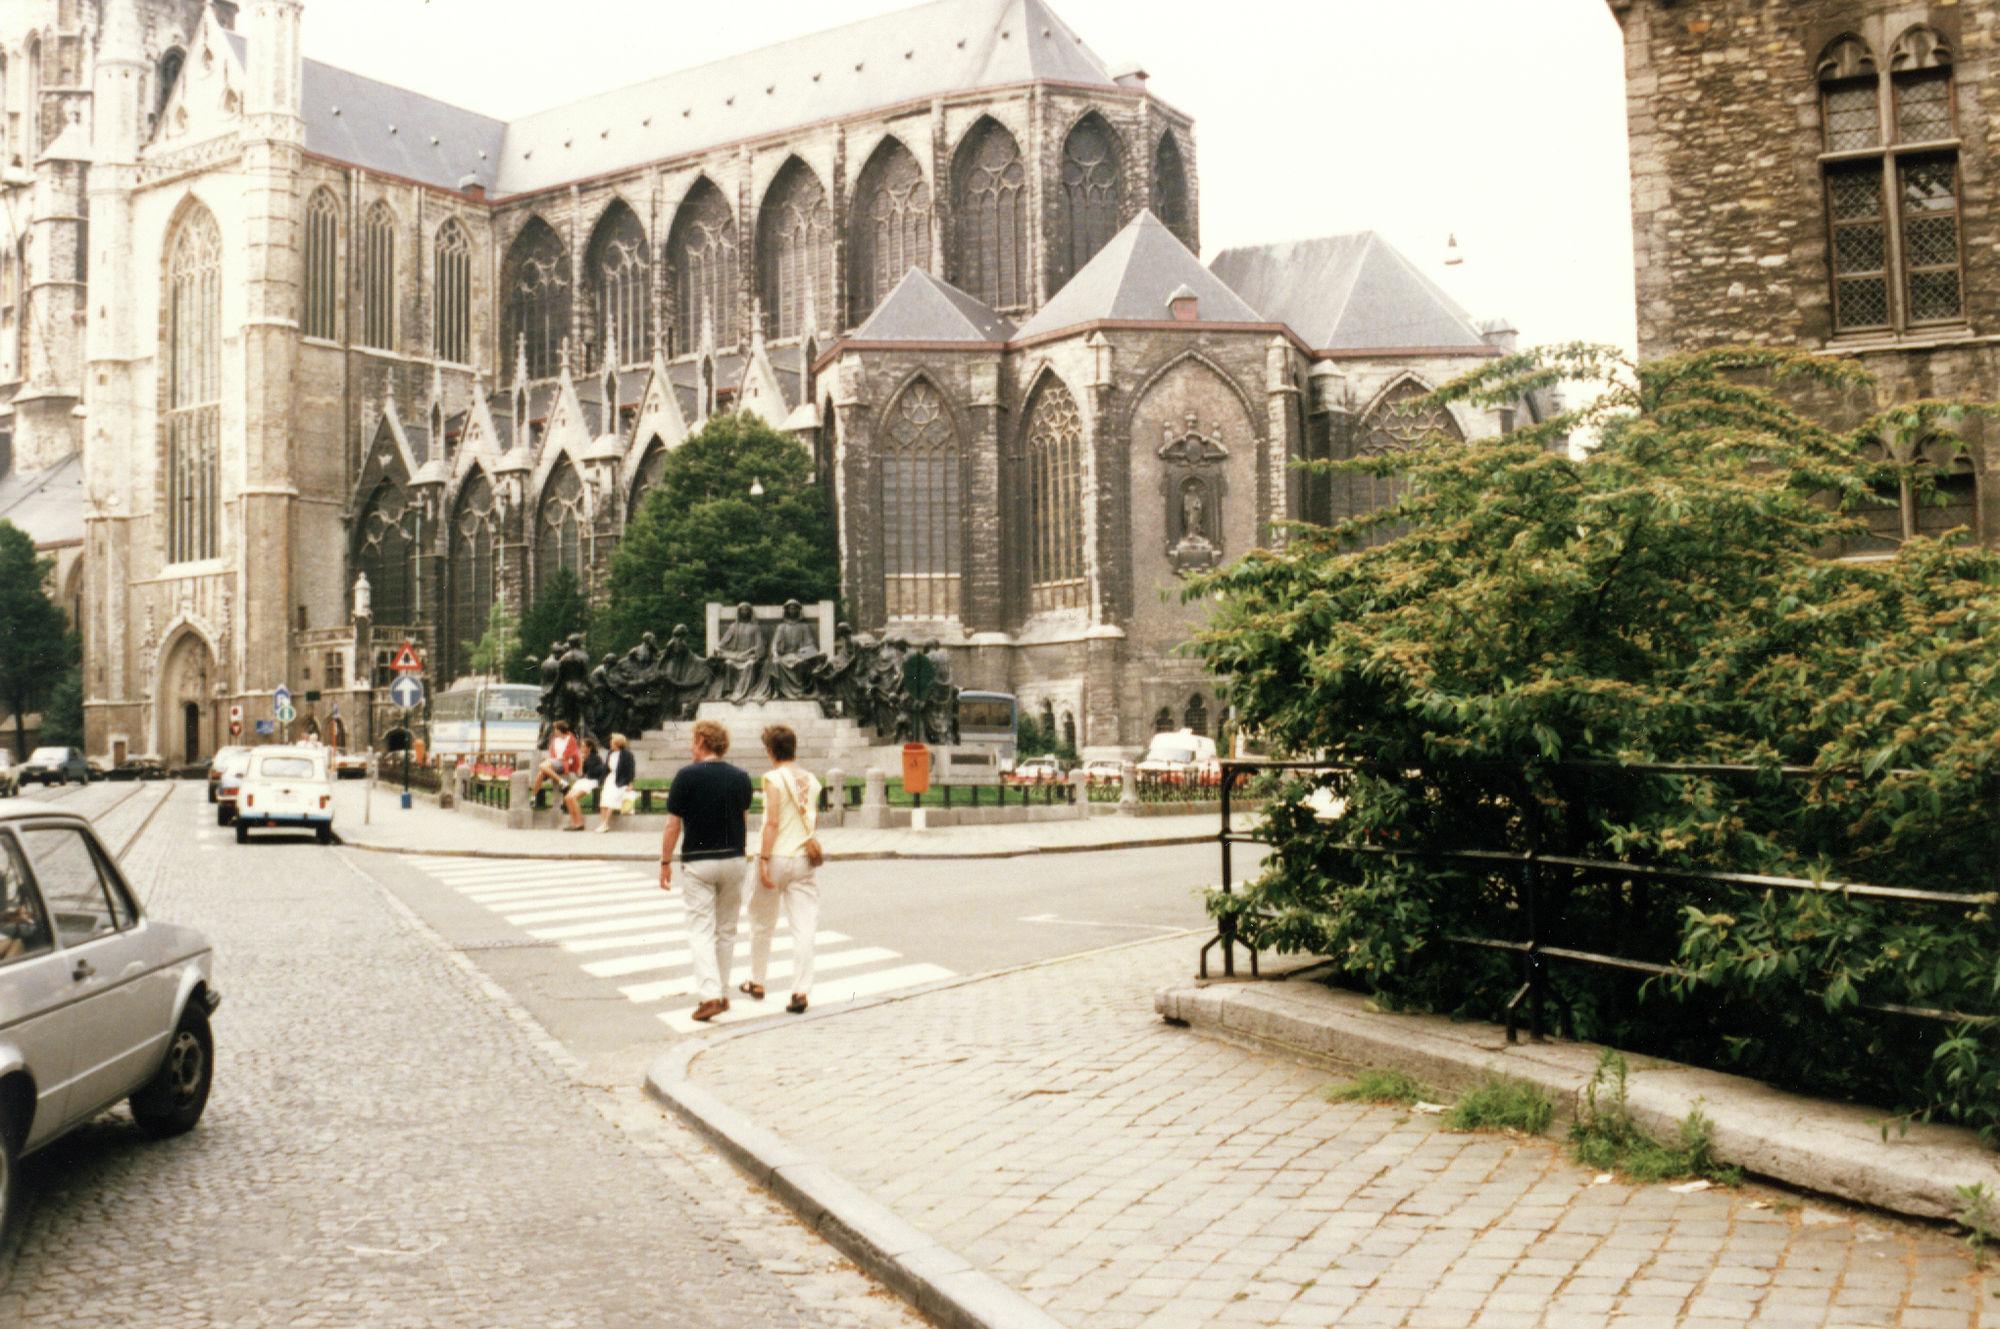 Geraard de Duivelhof01_198707.jpg